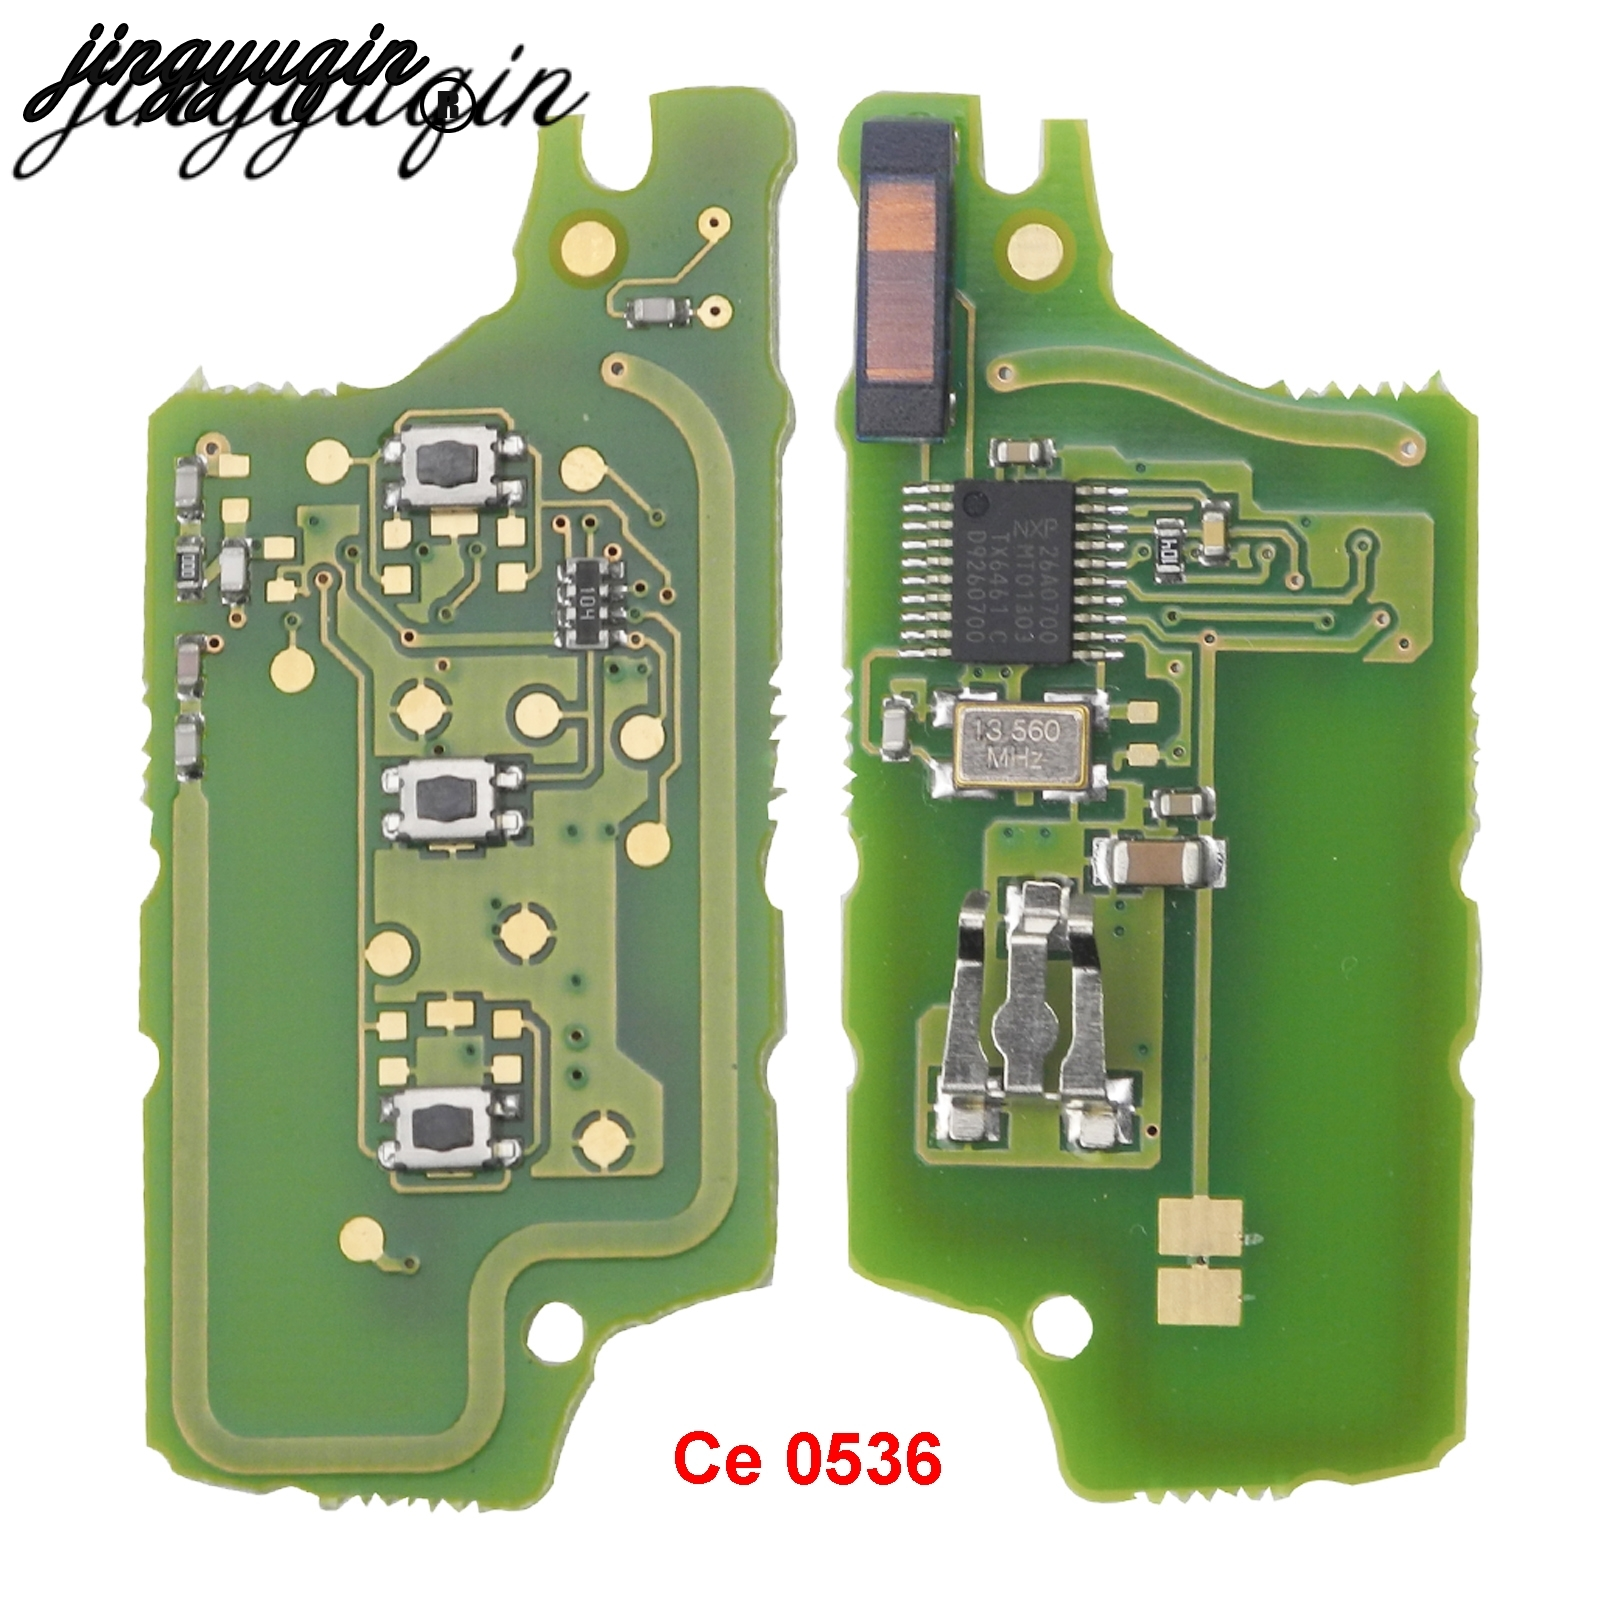 Jingyuqin ASK Автомобильный ключ электронная печатная плата для Peugeot 407 407 307 308 607 SW Citroen C2 C3 C4 C5 CE0536 Ce0536 2 кнопки